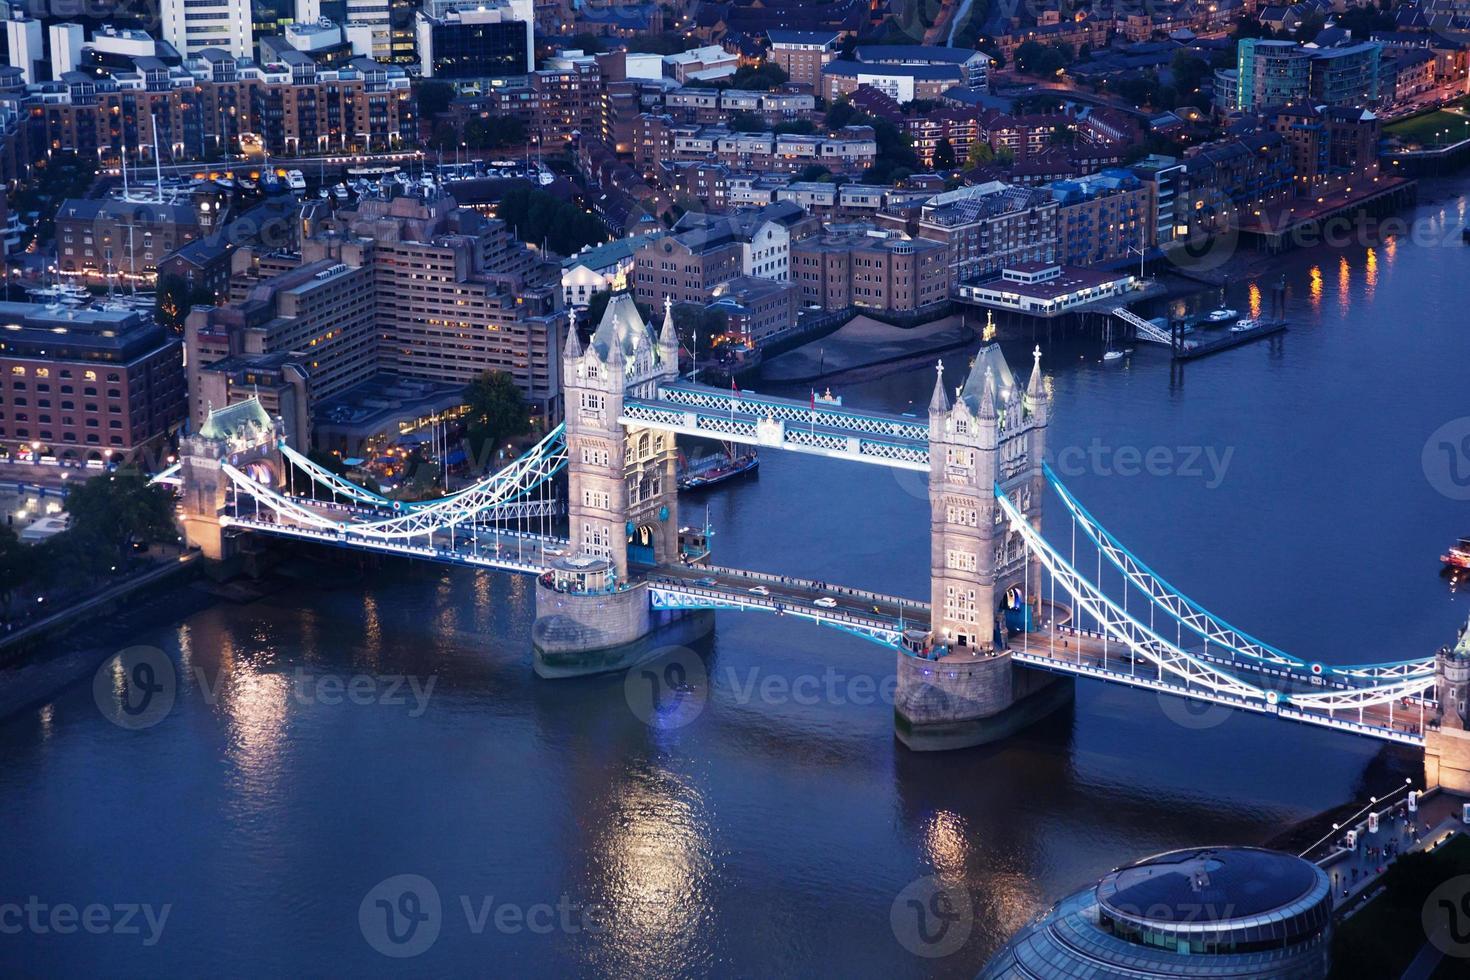 Londres à noite com arquiteturas urbanas e Tower Bridge foto